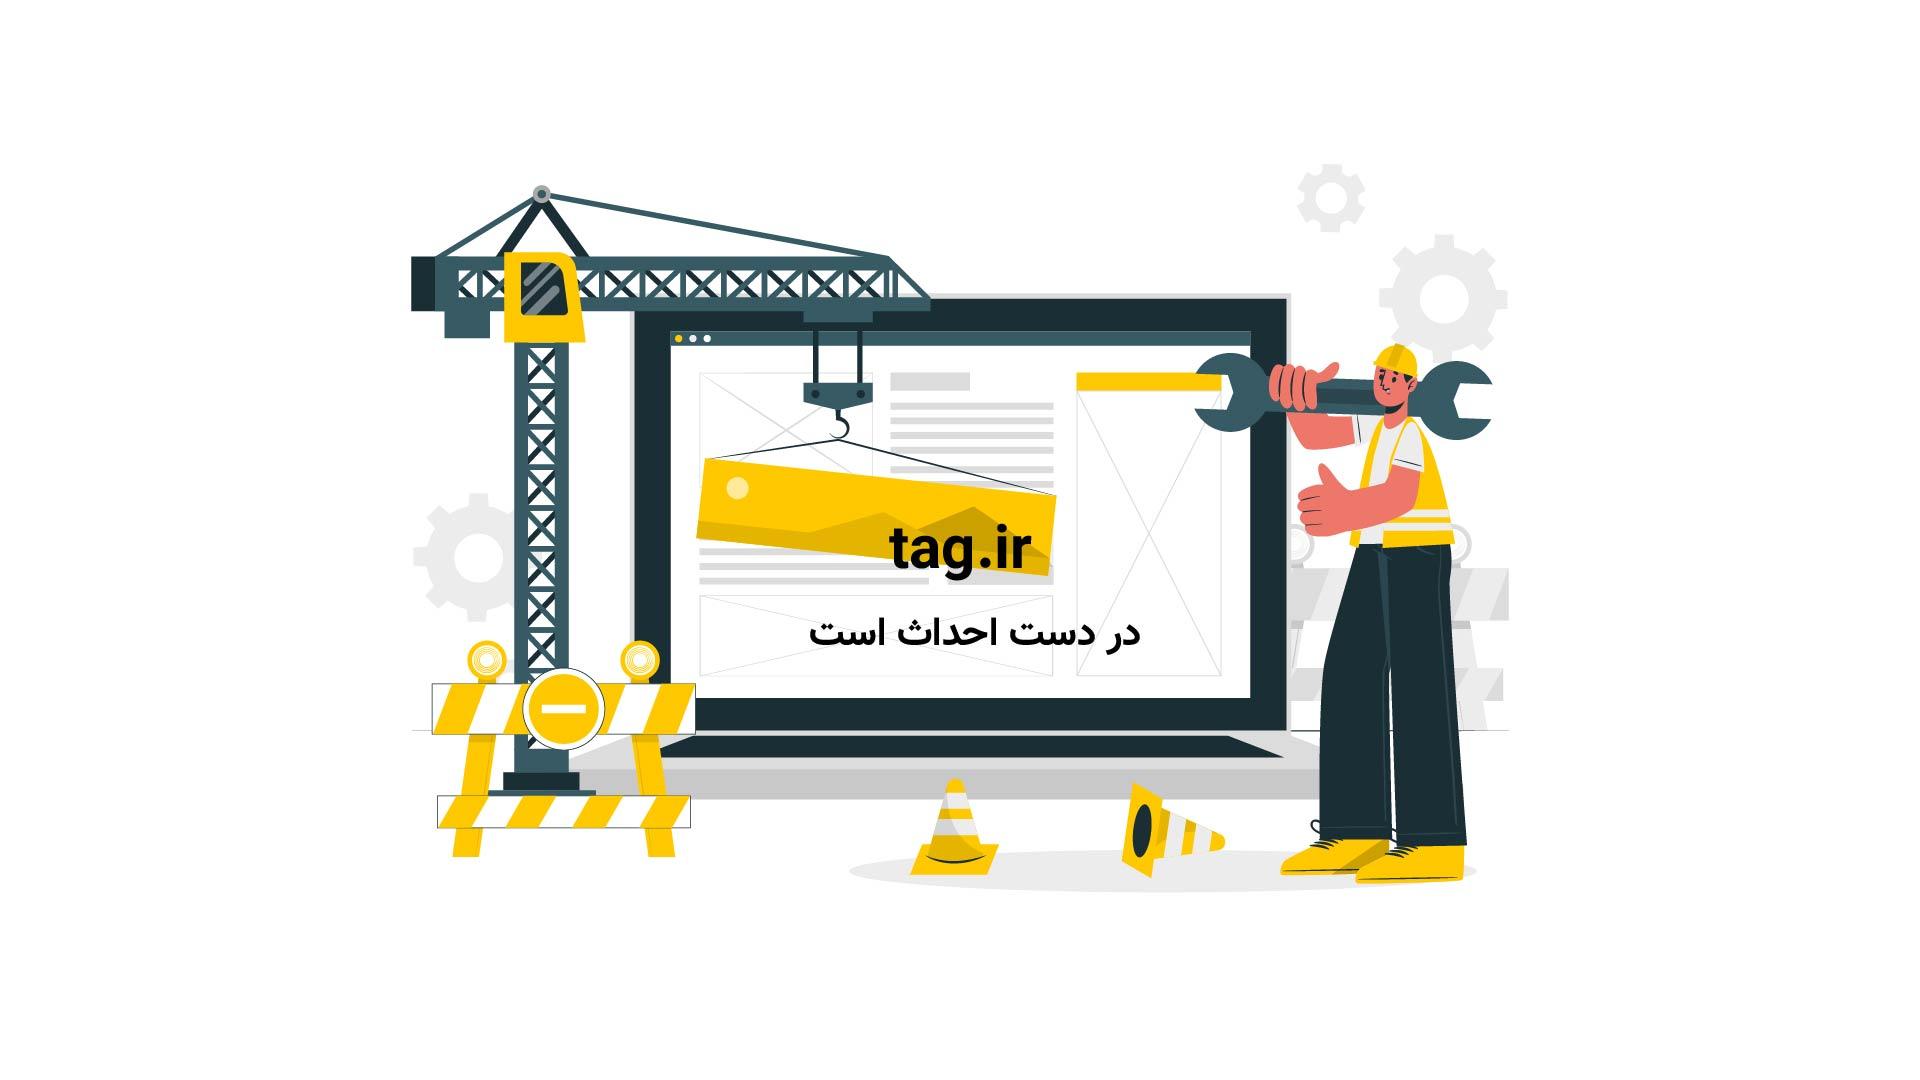 دونالد ترامپ | تگ